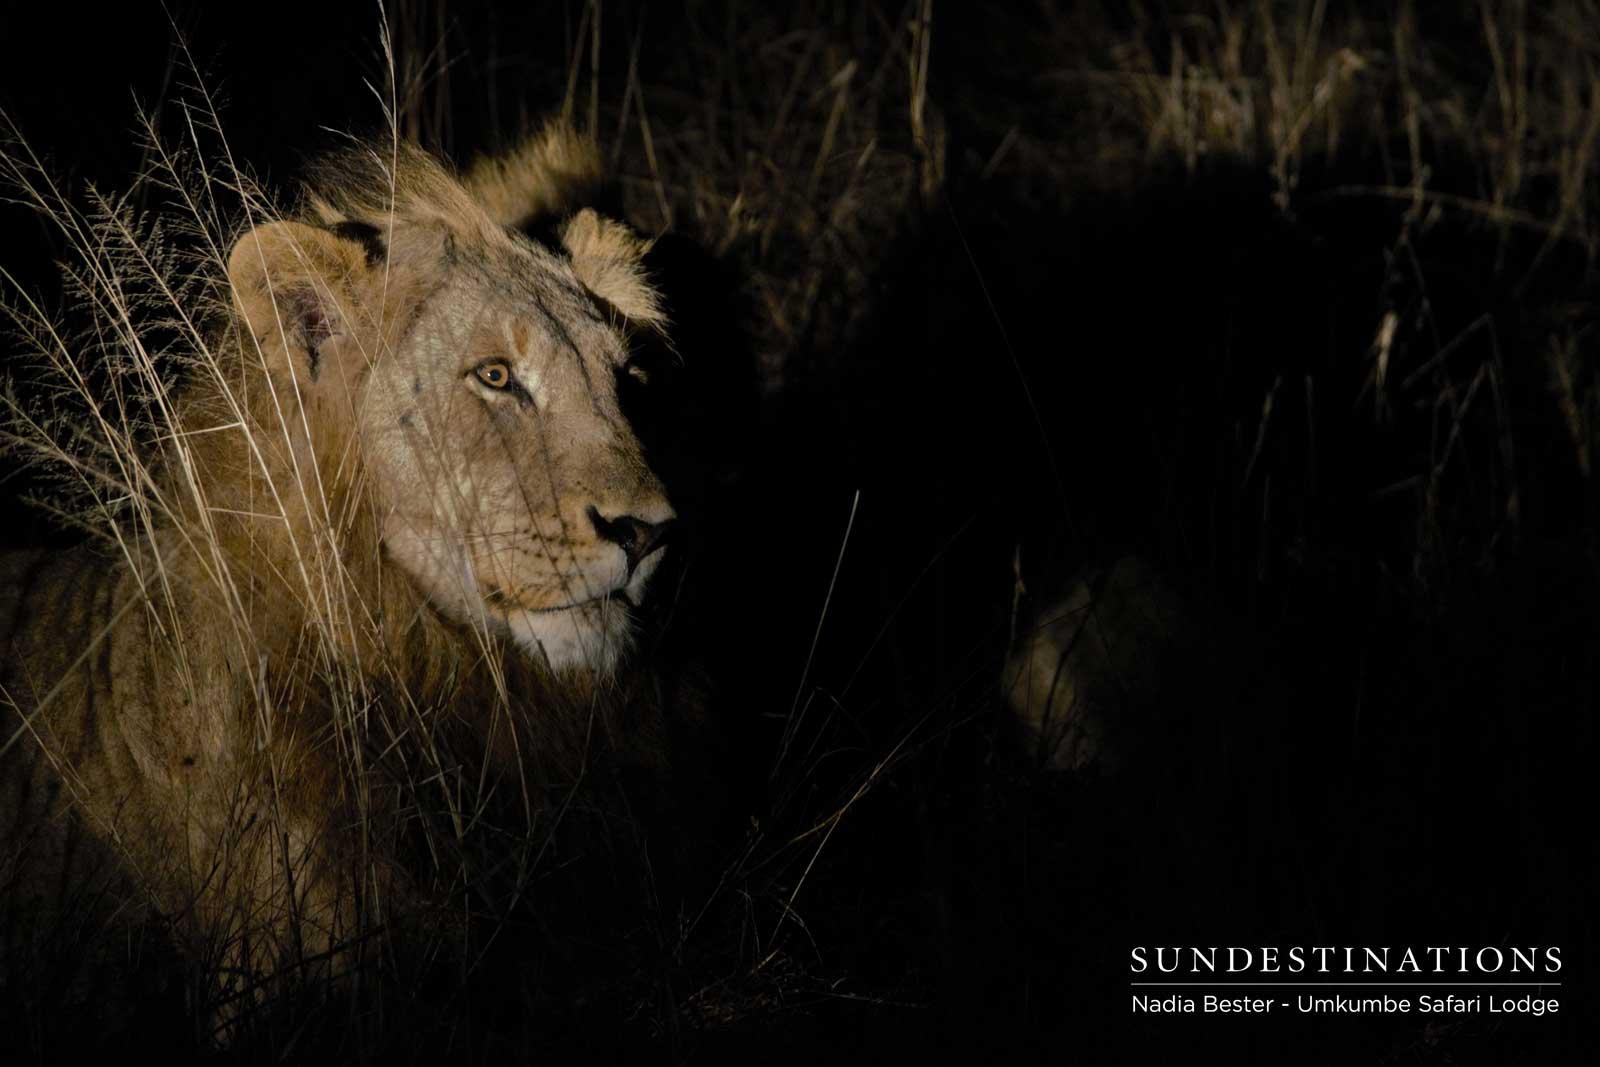 Tsalala Male Lion